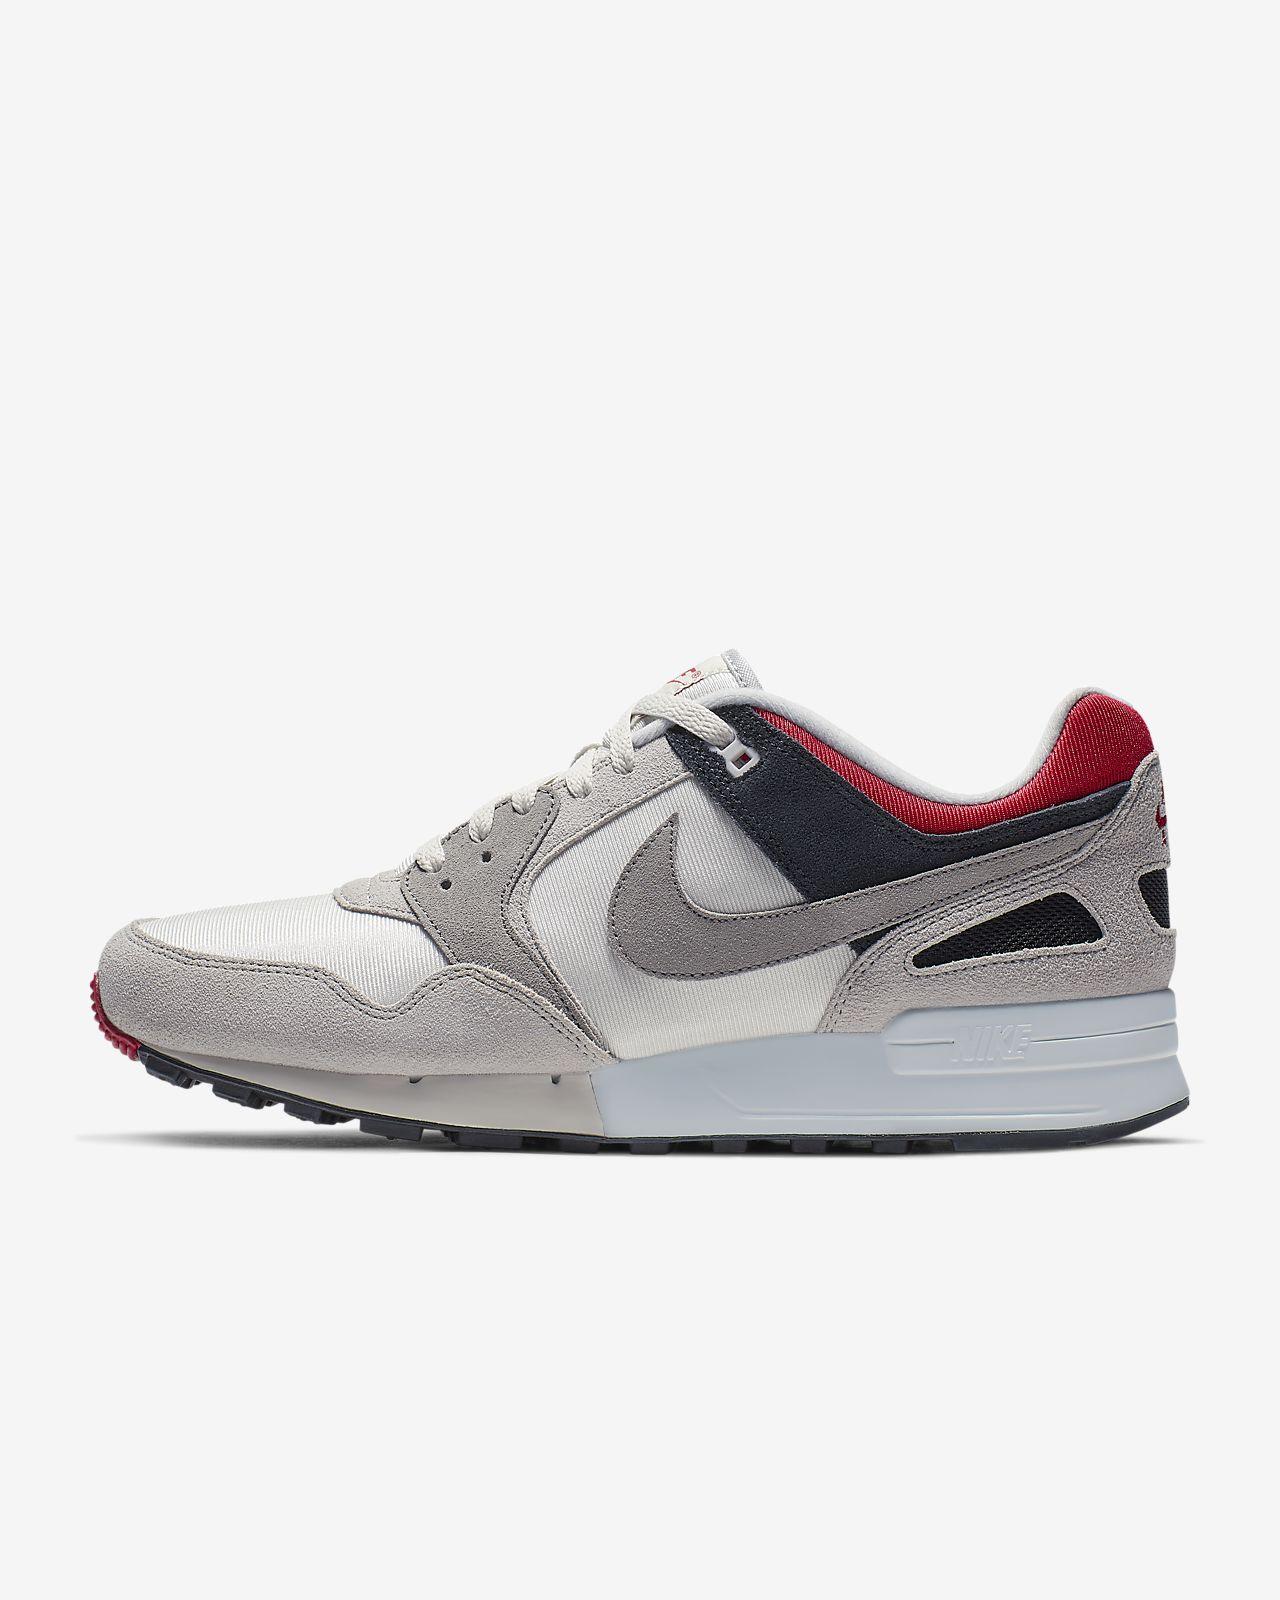 separation shoes 1d669 f23f1 Men s Shoe. Nike Air Pegasus  89 SE